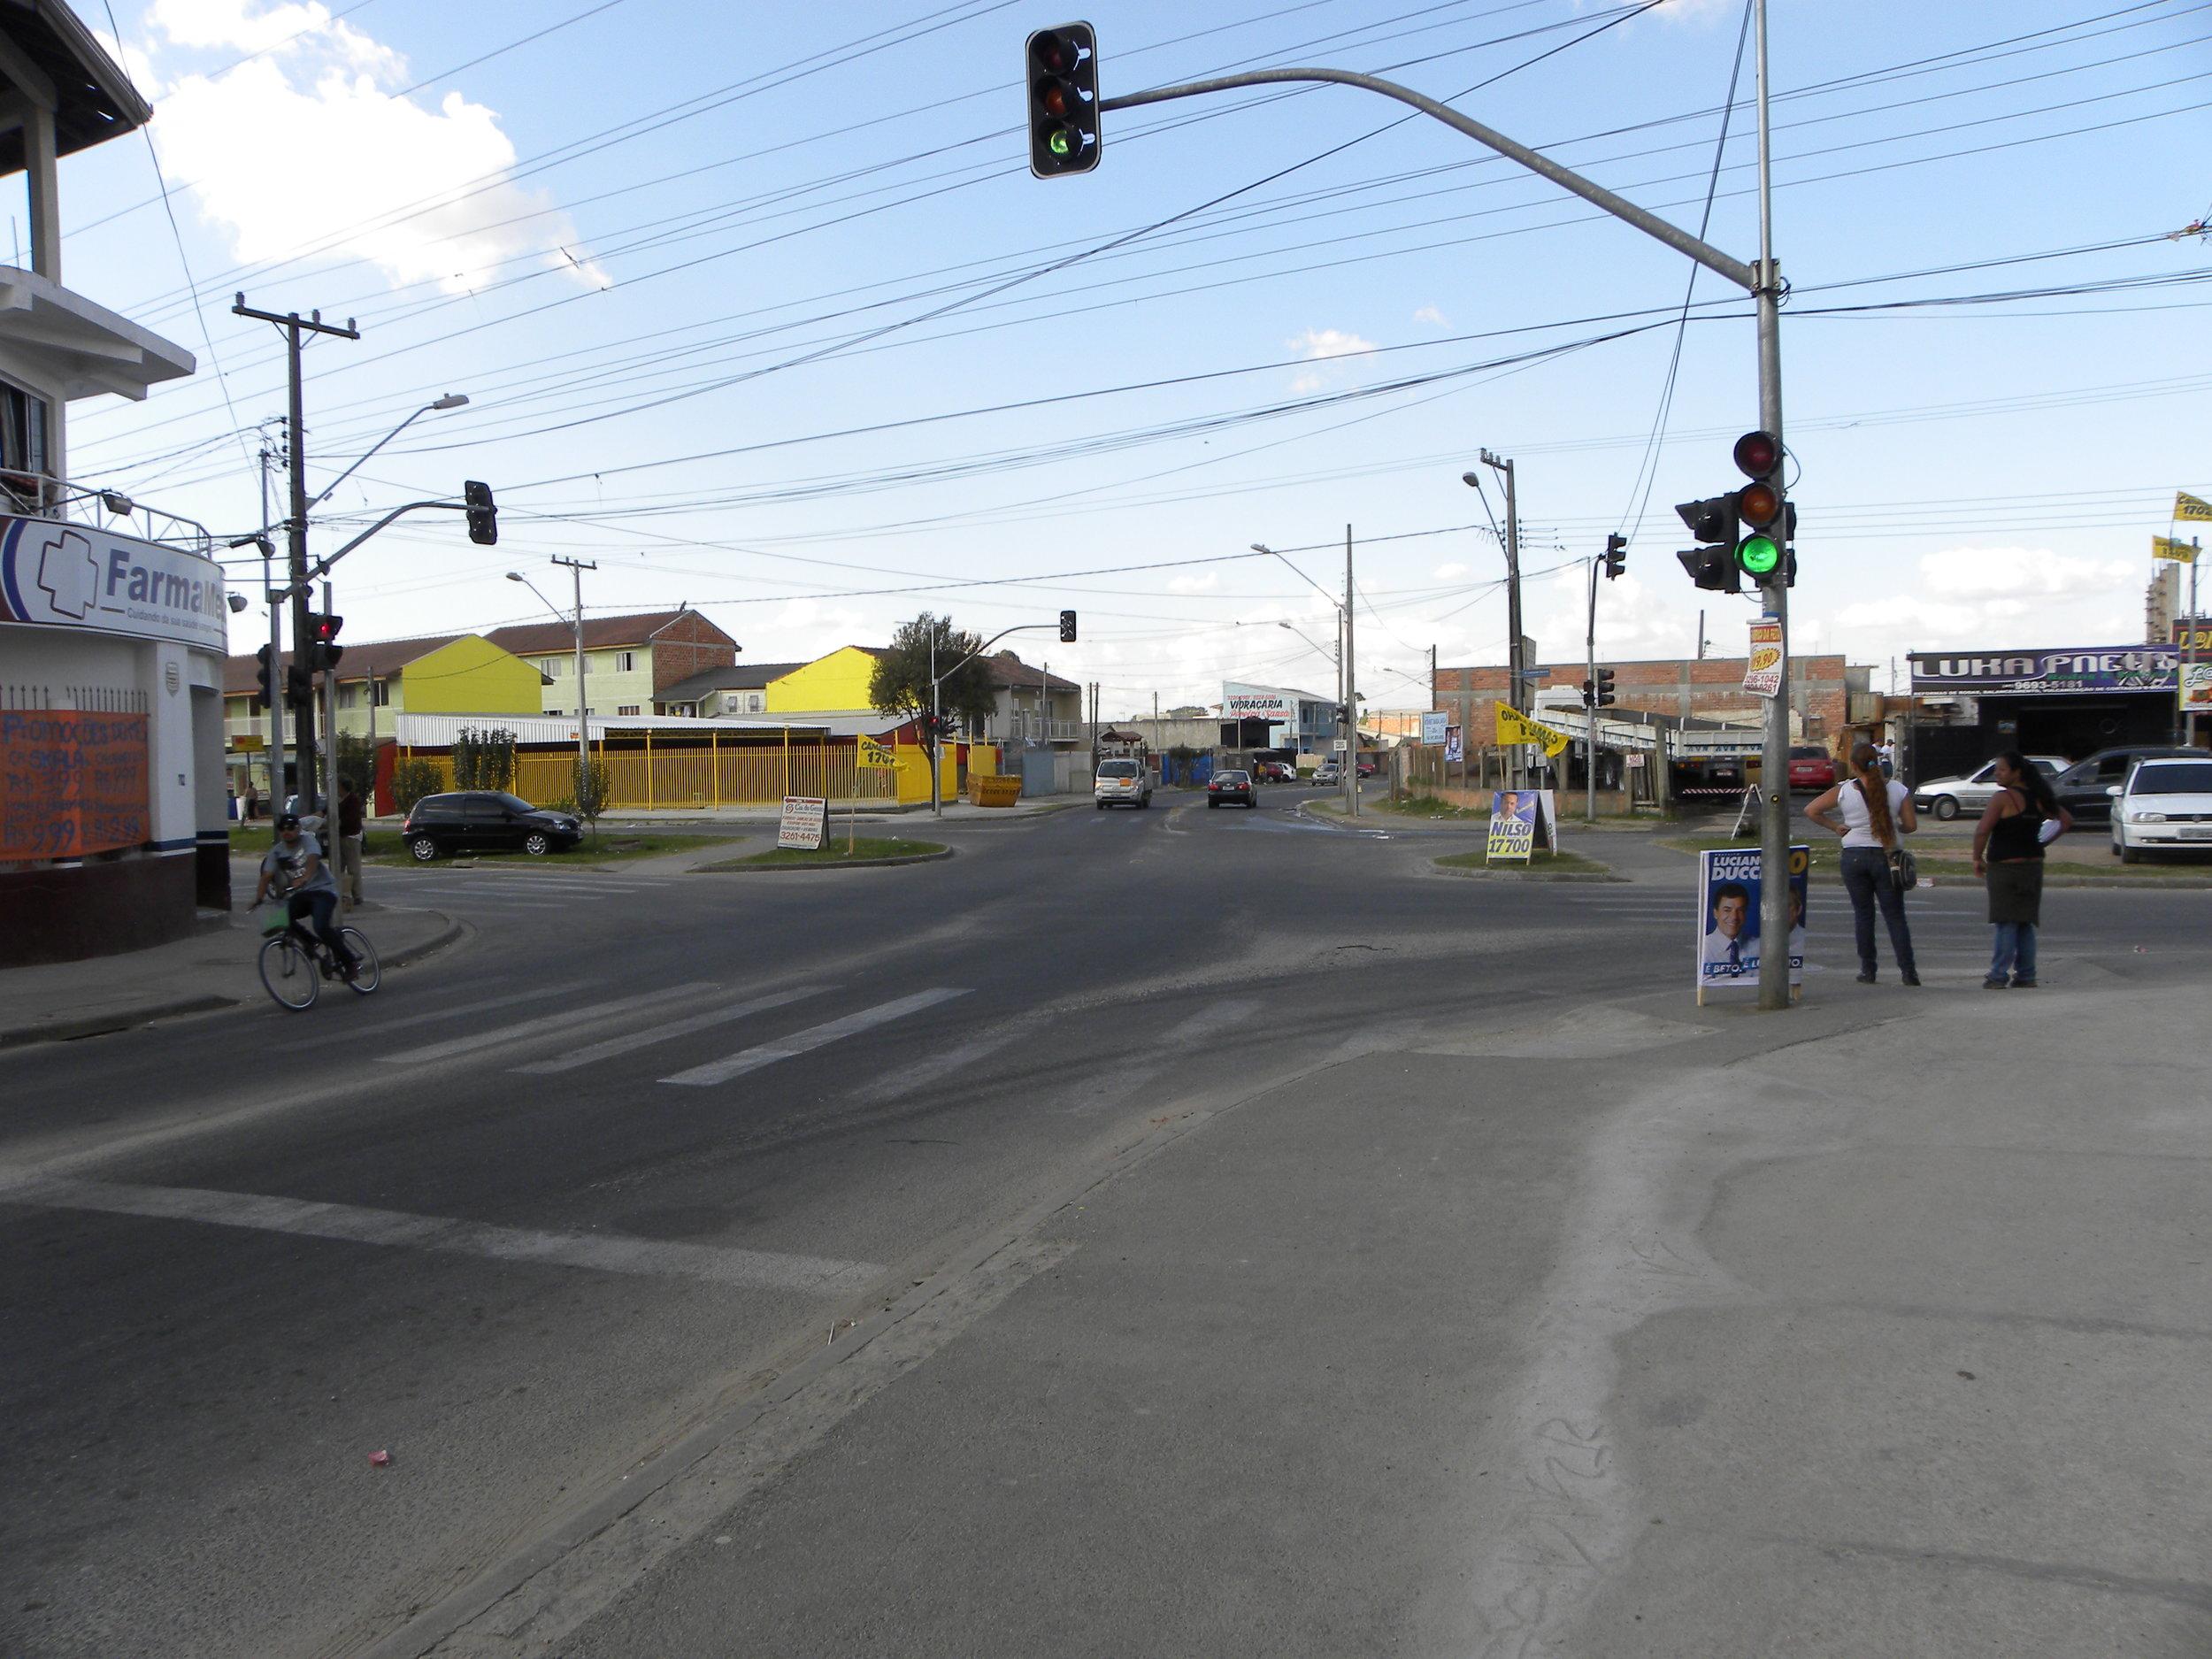 Semáforo no cruzamento da Rua Leonardo Novicki com a Rua Sebastião Marcos Luiz